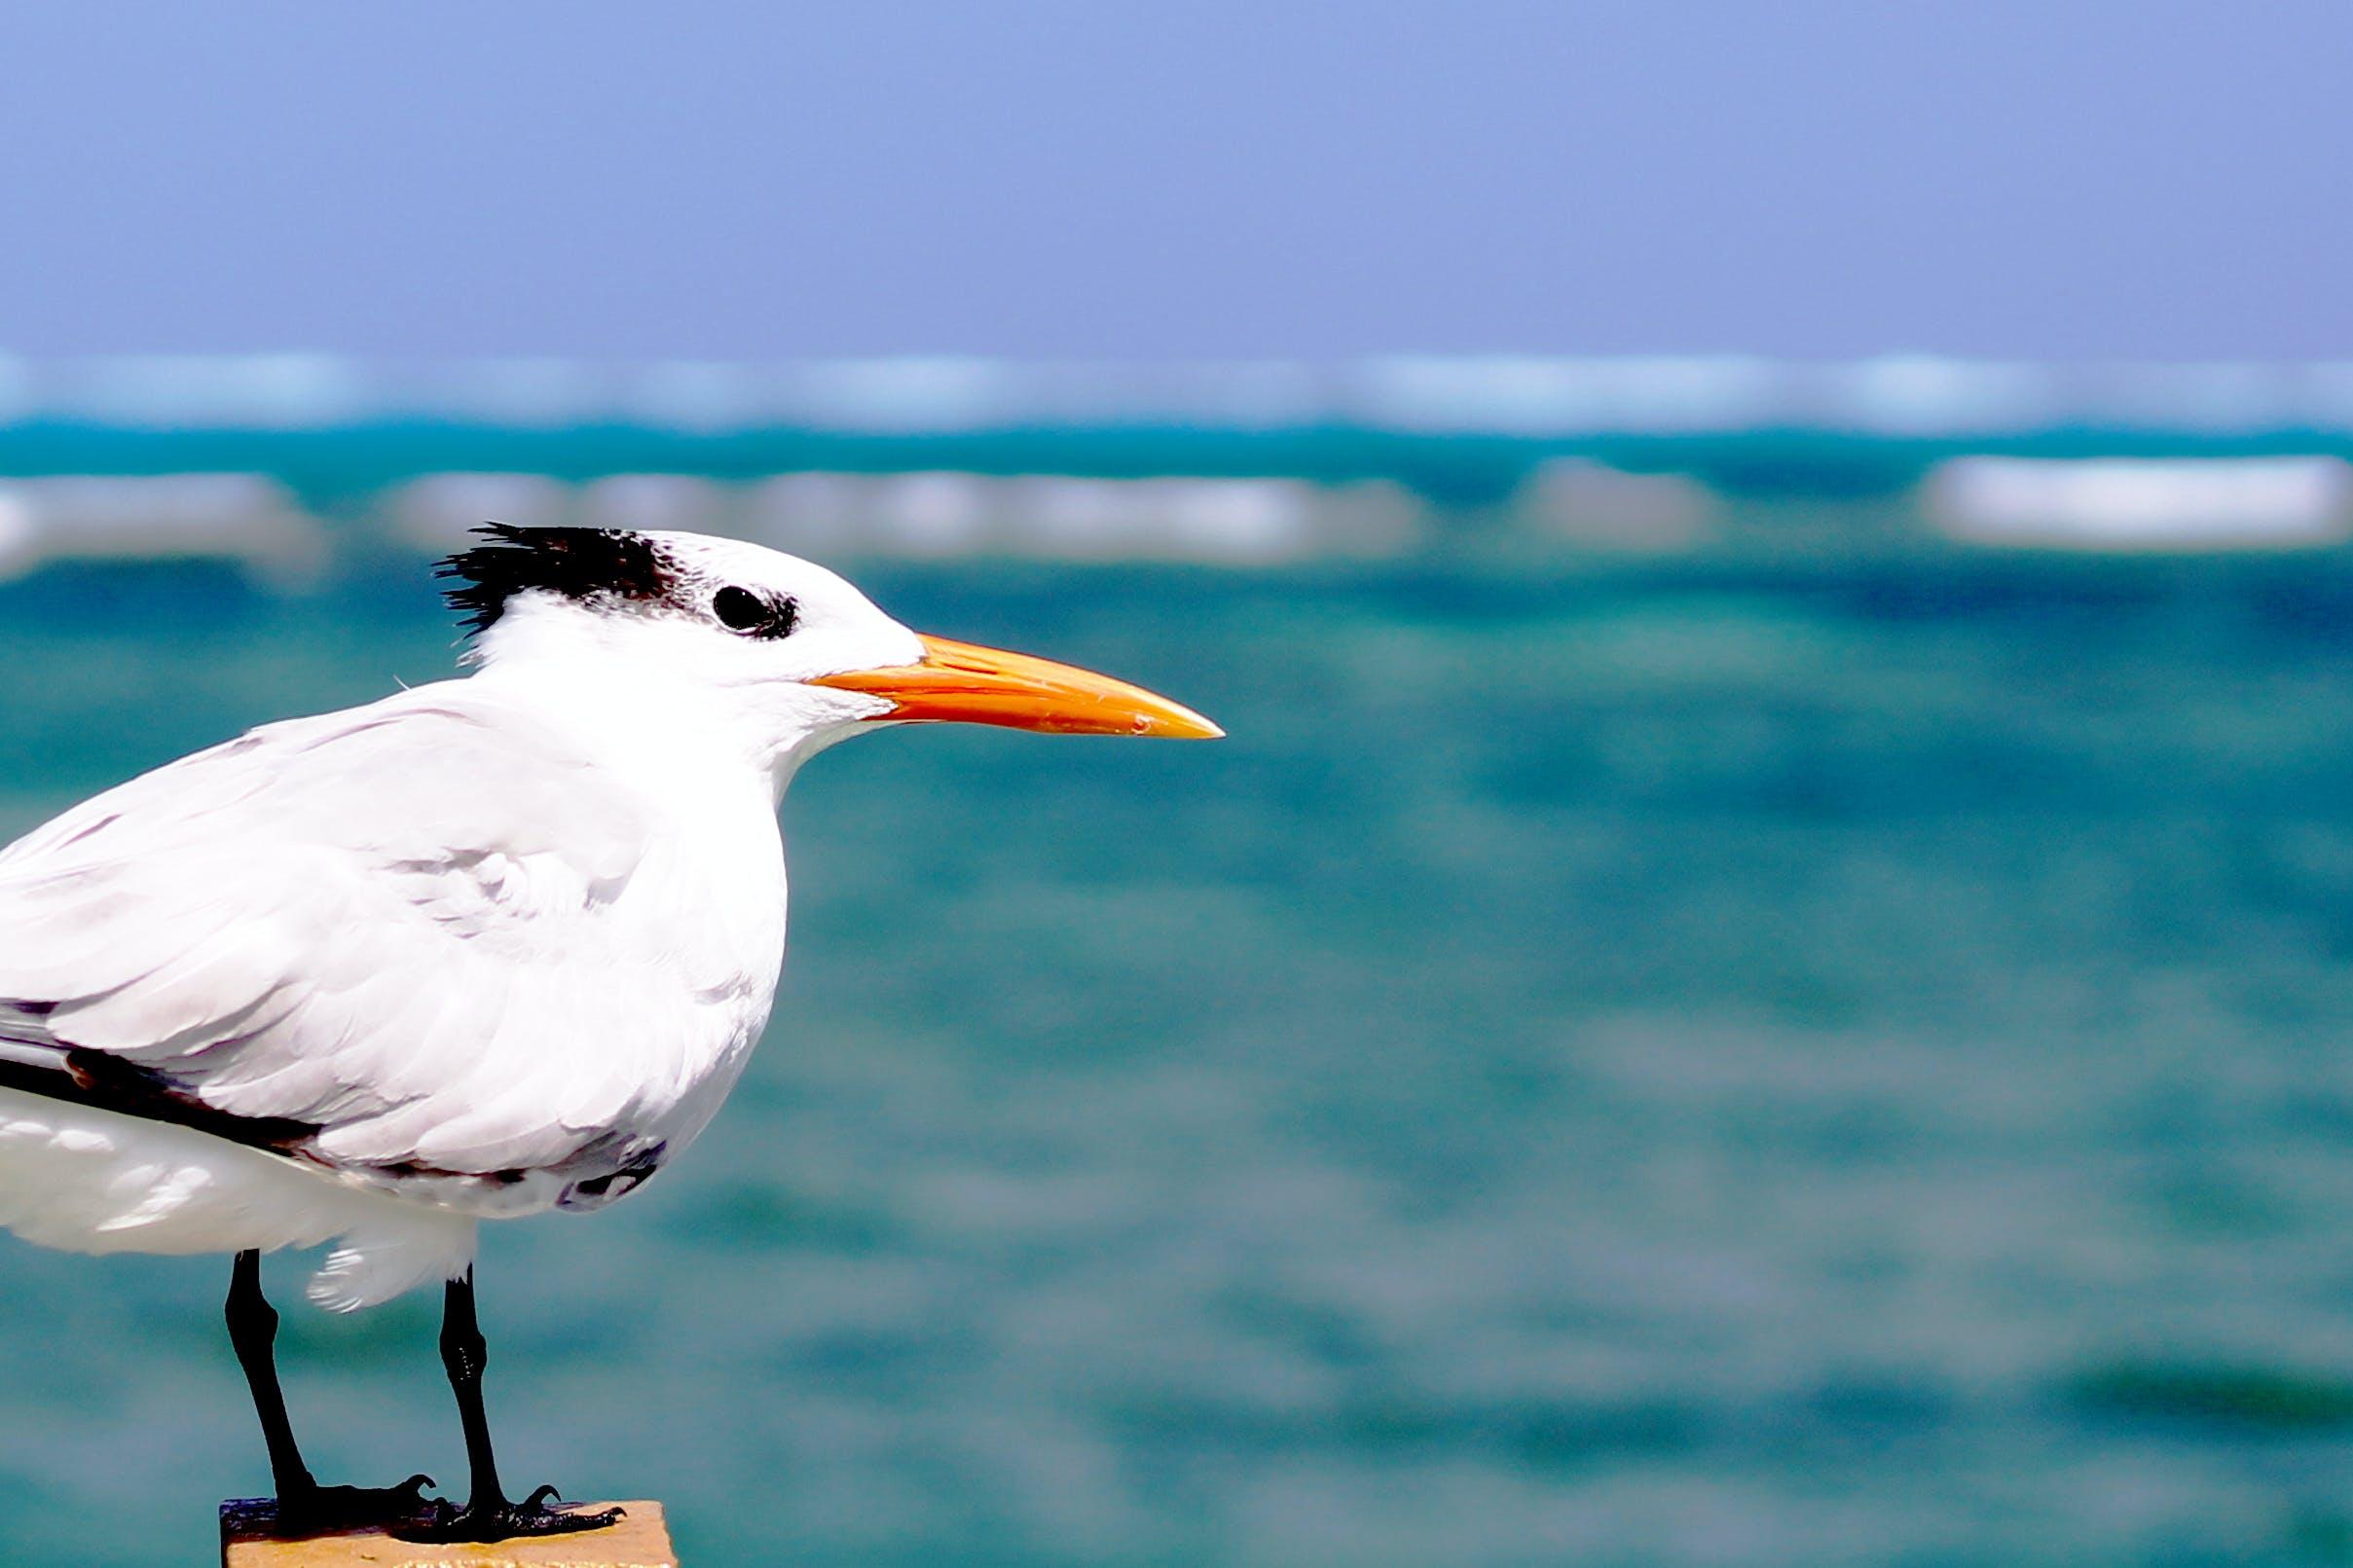 Ảnh lưu trữ miễn phí về biển, con vật, Nước, san andrã